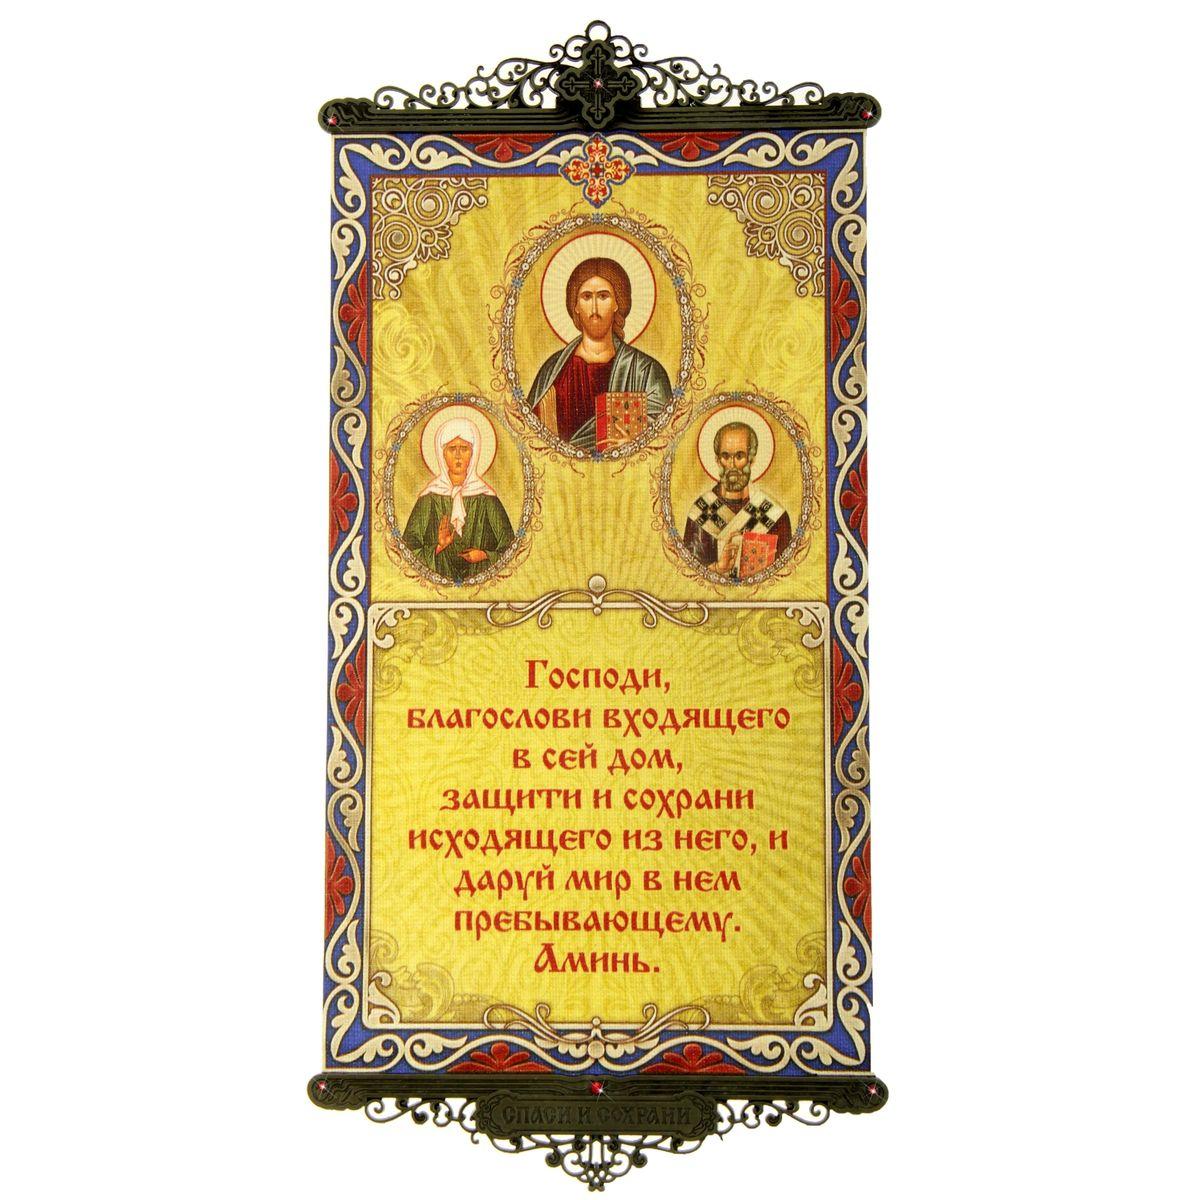 Икона с молитвой Молитва о защите и благословении дома, на подвесах602819Икона с молитвой Молитва о защите и благословении дома выполнена из плотного текстиля с нанесенным цветным рисунком, края декорированы ажурными металлическими вставками со стразами. Цветовая гамма и интерьер влияют на настроение каждого, именно поэтому так важны детали, которые нас окружают. Знатоки интерьерных решений стараются применять самые разнообразные решения при художественном оформлении внутреннего пространства и использовать все возможные материалы. Икона с молитвой на подвесах - это хорошее решение для интерьера по выгодной цене!